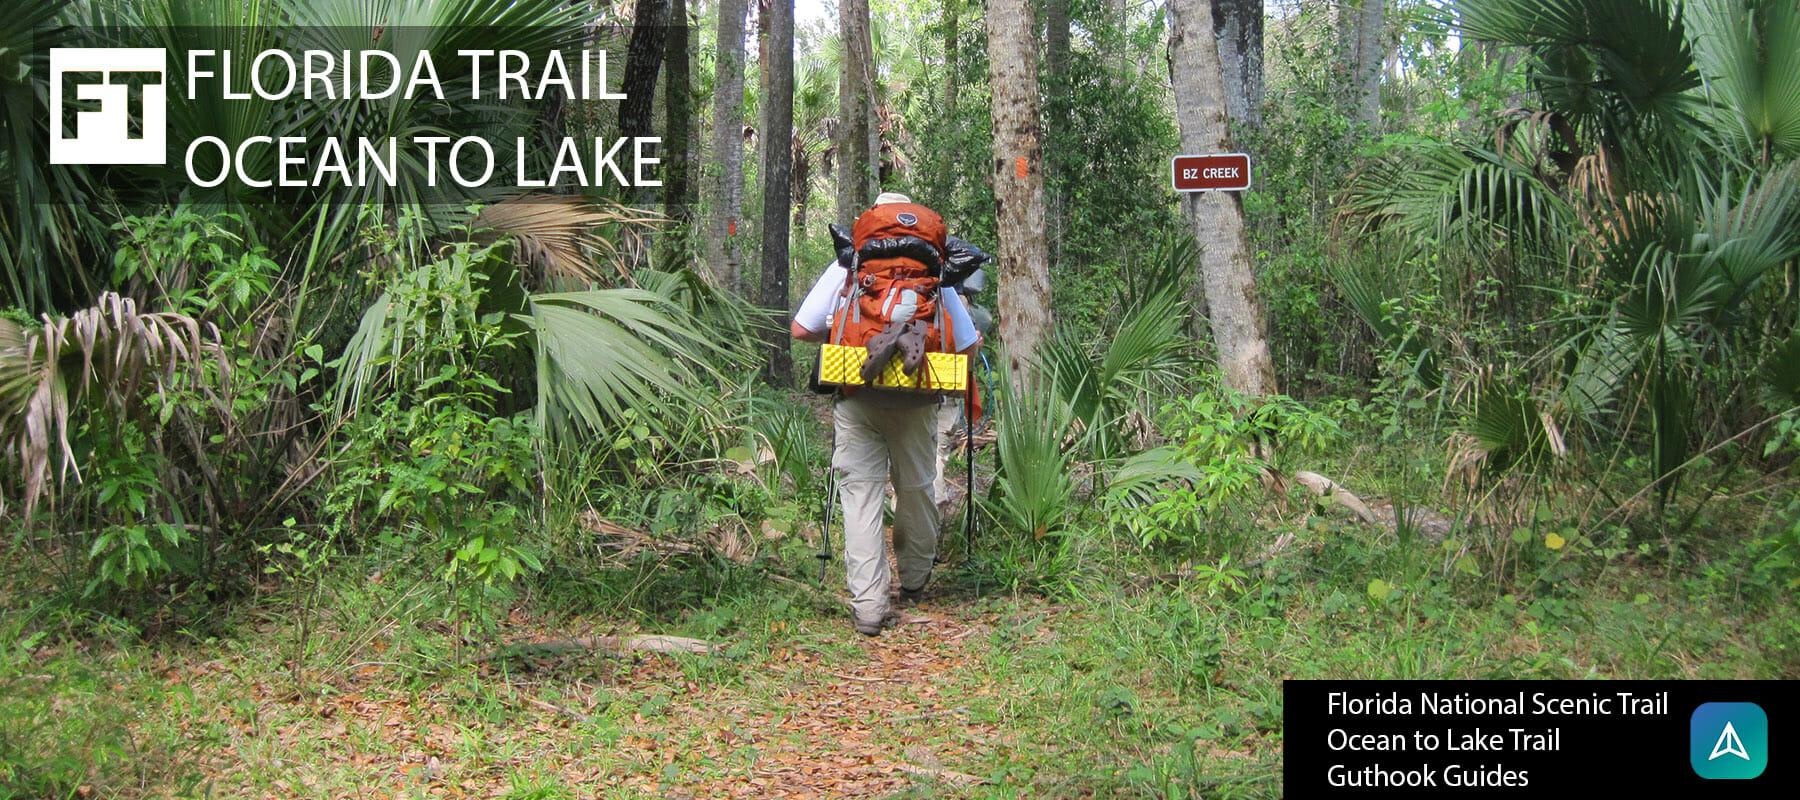 Florida Trail, Ocean to Lake